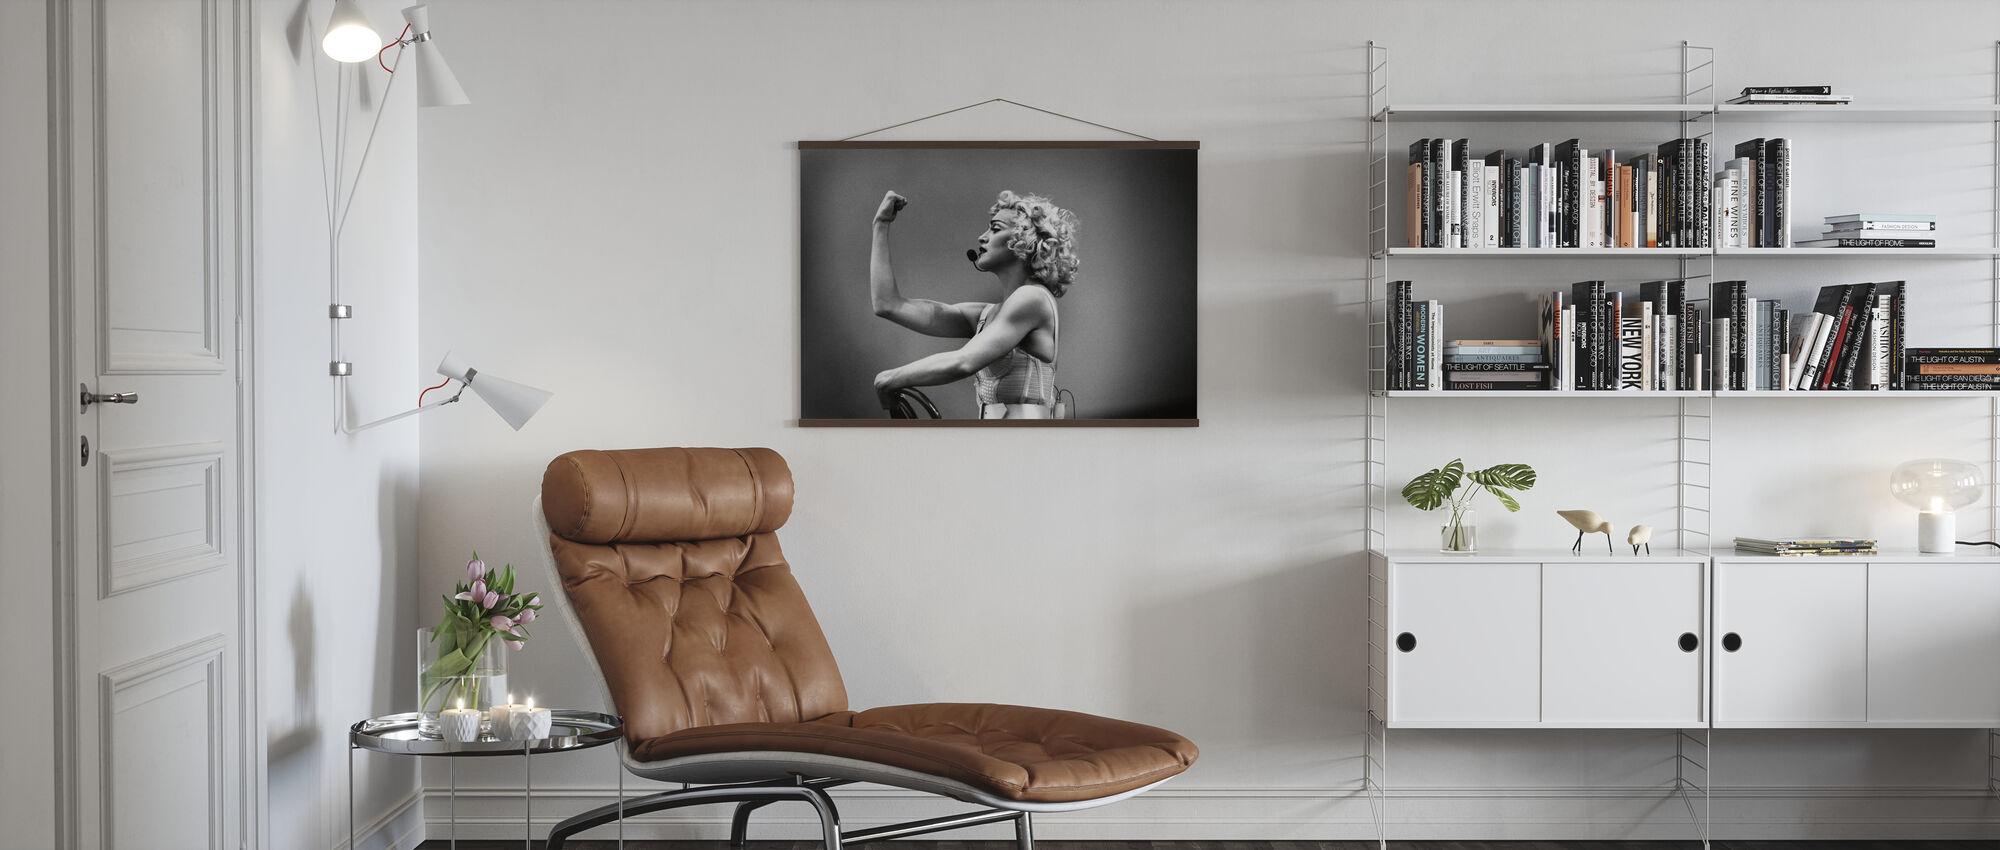 Uttrykk deg selv - Madonna - Plakat - Stue